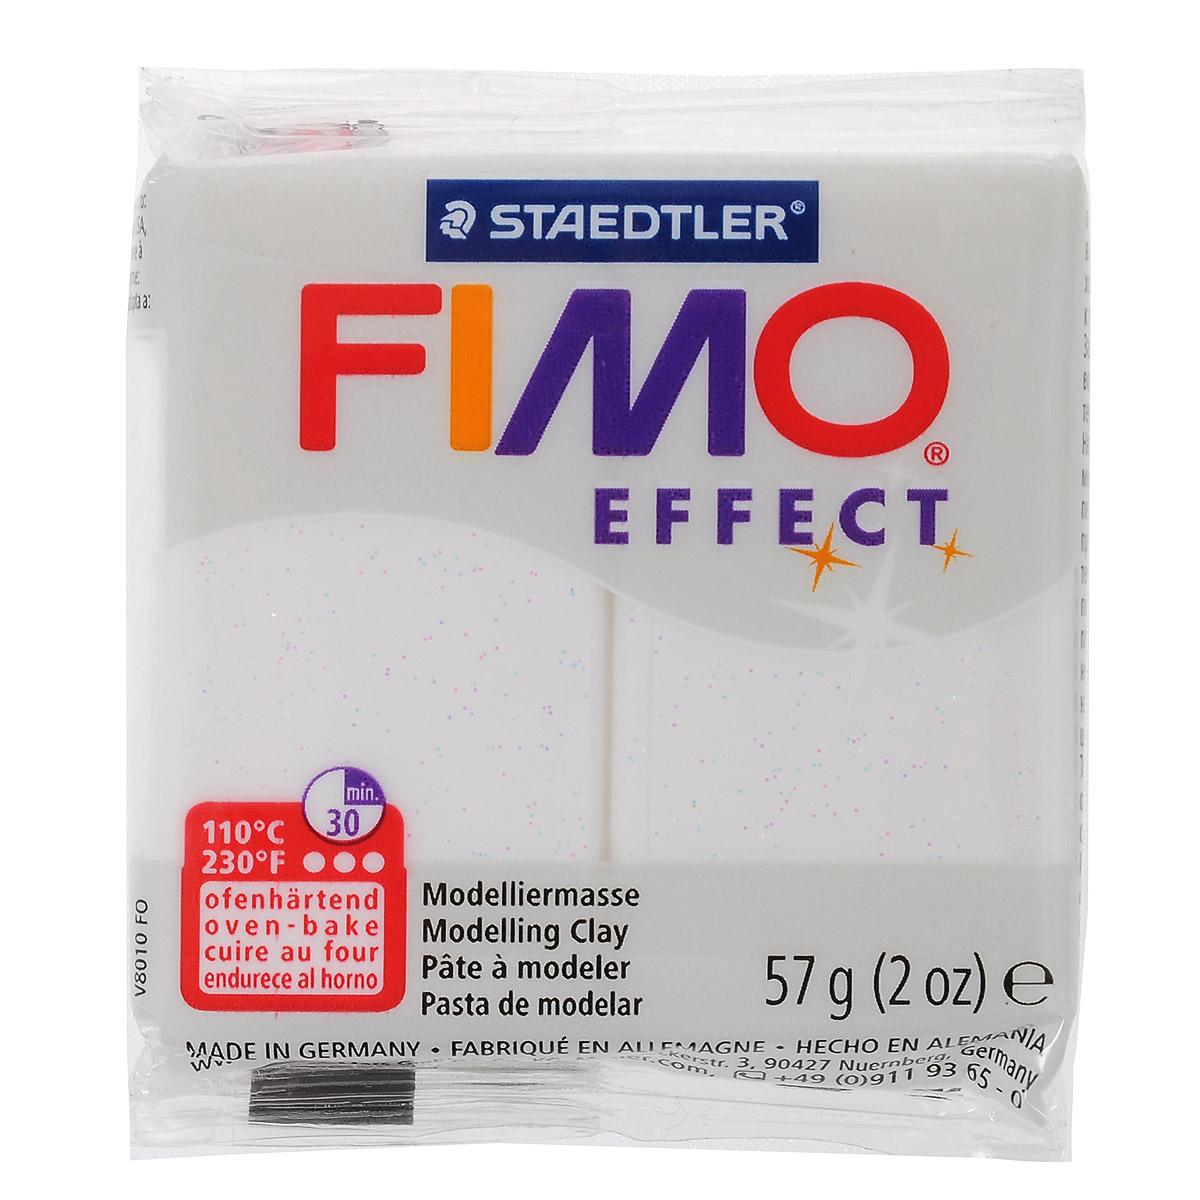 Полимерная глина Fimo Effect Metallic, цвет: белый, 57 г8020-052Мягкая глина на полимерной основе (пластика) Fimo Effect Metallic идеально подходит для лепки небольших изделий (украшений, скульптурок, кукол) и для моделирования. Глина обладает отличными пластичными свойствами, хорошо размягчается и лепится, легко смешивается между собой, благодаря чему можно создать огромное количество поделок любых цветов и оттенков. Блок поделен на восемь сегментов, что позволяет легче разделять глину на порции. В домашних условиях готовая поделка выпекается в духовом шкафу при температуре 110°С в течении 15-30 минут (в зависимости от величины изделия). Отвердевшие изделия могут быть раскрашены акриловыми красками, покрыты лаком, склеены друг с другом или с другими материалами. Состав: поливинилхлорид, пластификаторы, неорганические наполнители, цветные пигменты.